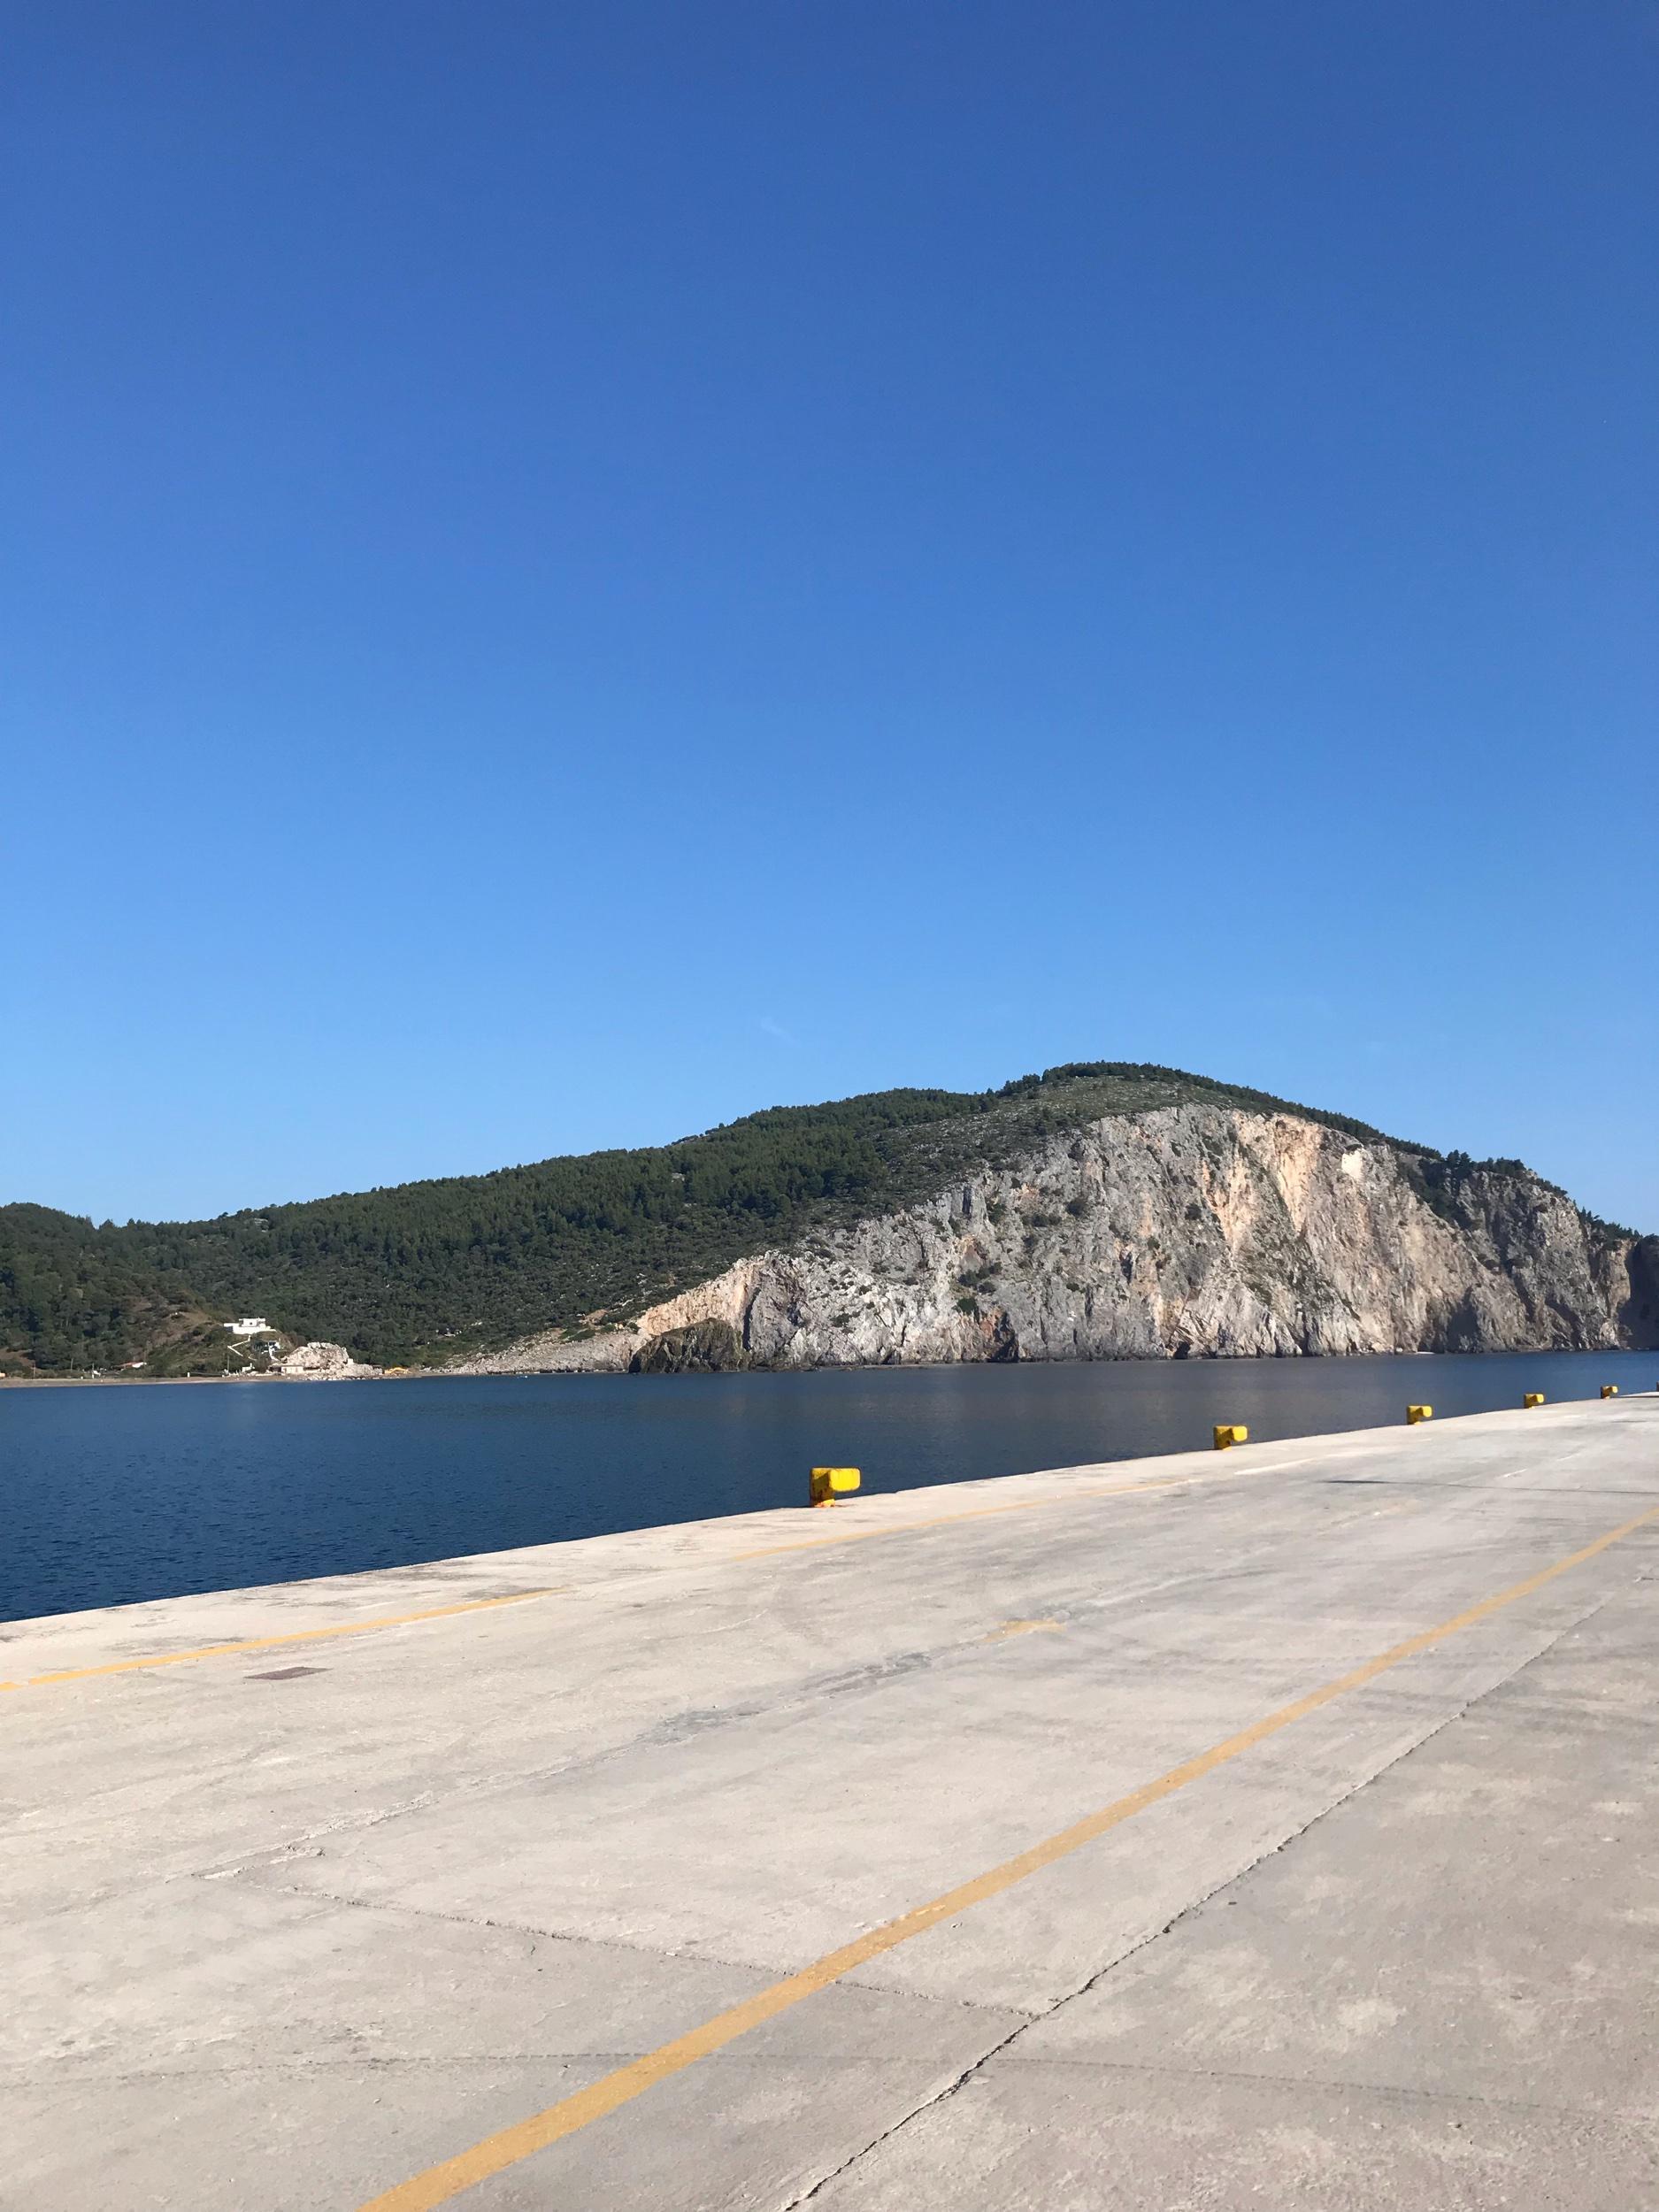 Port at Mantoudi on Evia